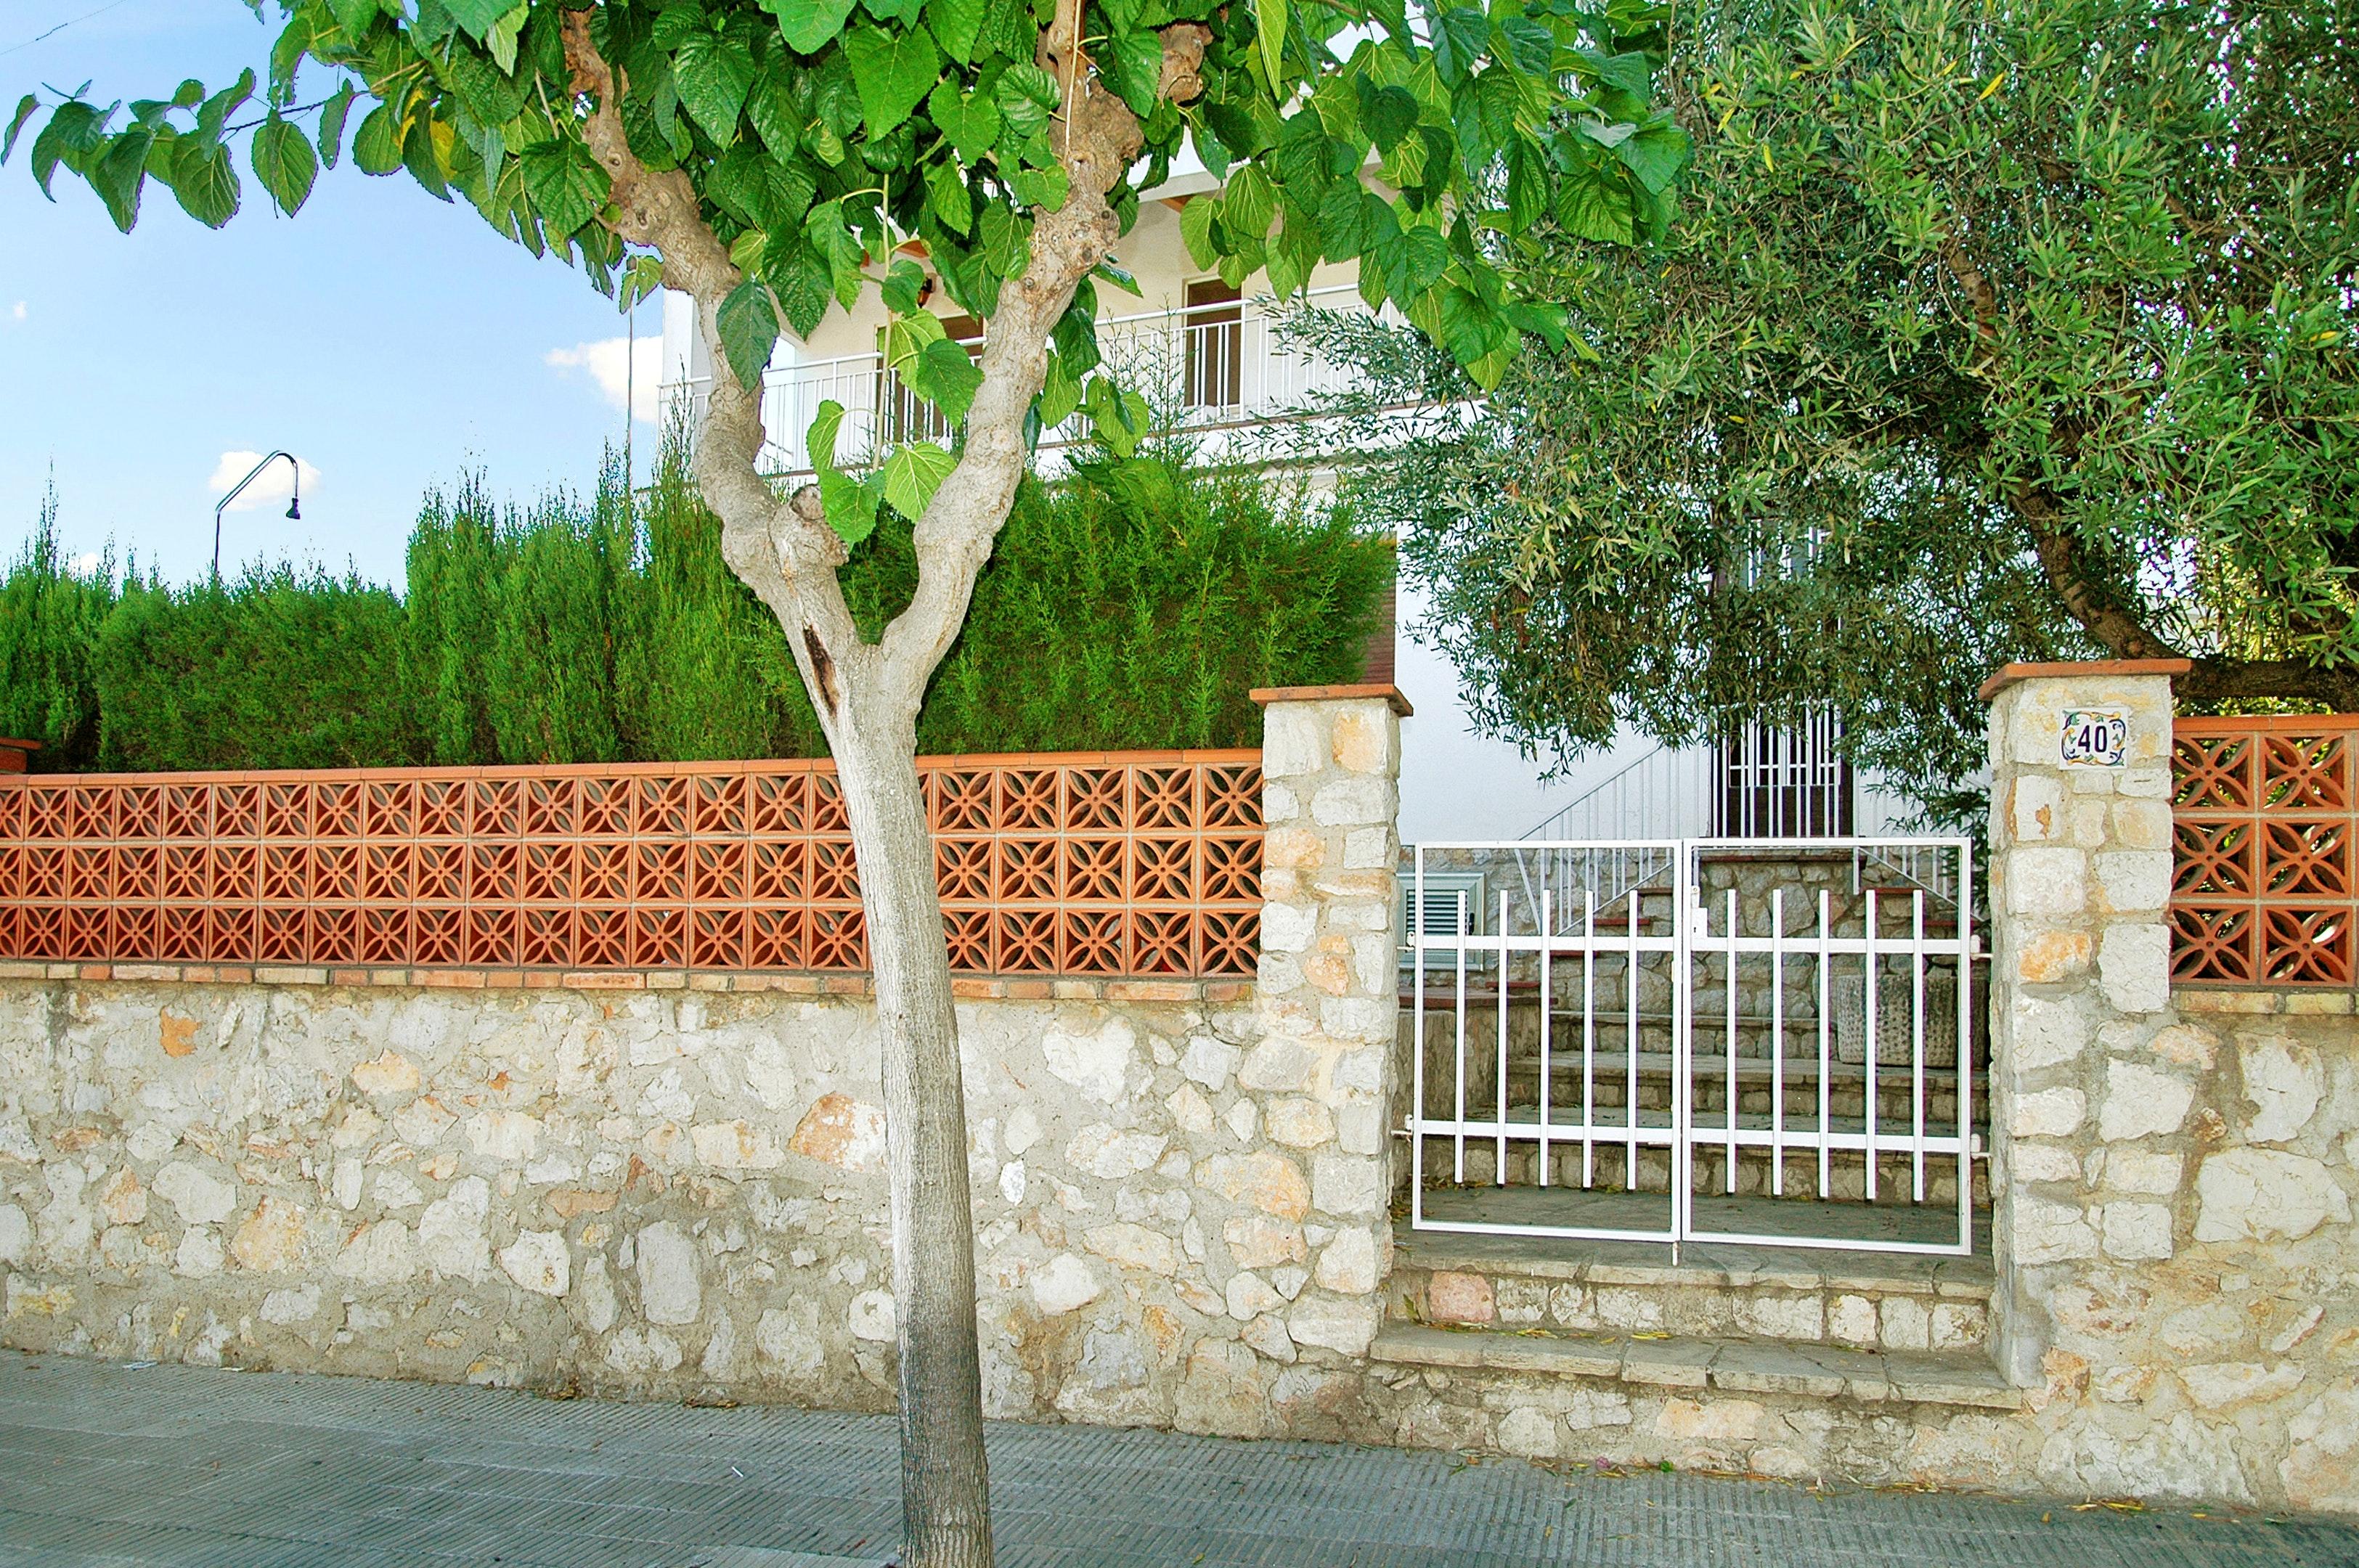 Ferienhaus Villa mit 6 Schlafzimmern in Canyelles mit toller Aussicht auf die Berge, privatem Pool, e (2339365), Canyelles, Costa del Garraf, Katalonien, Spanien, Bild 29